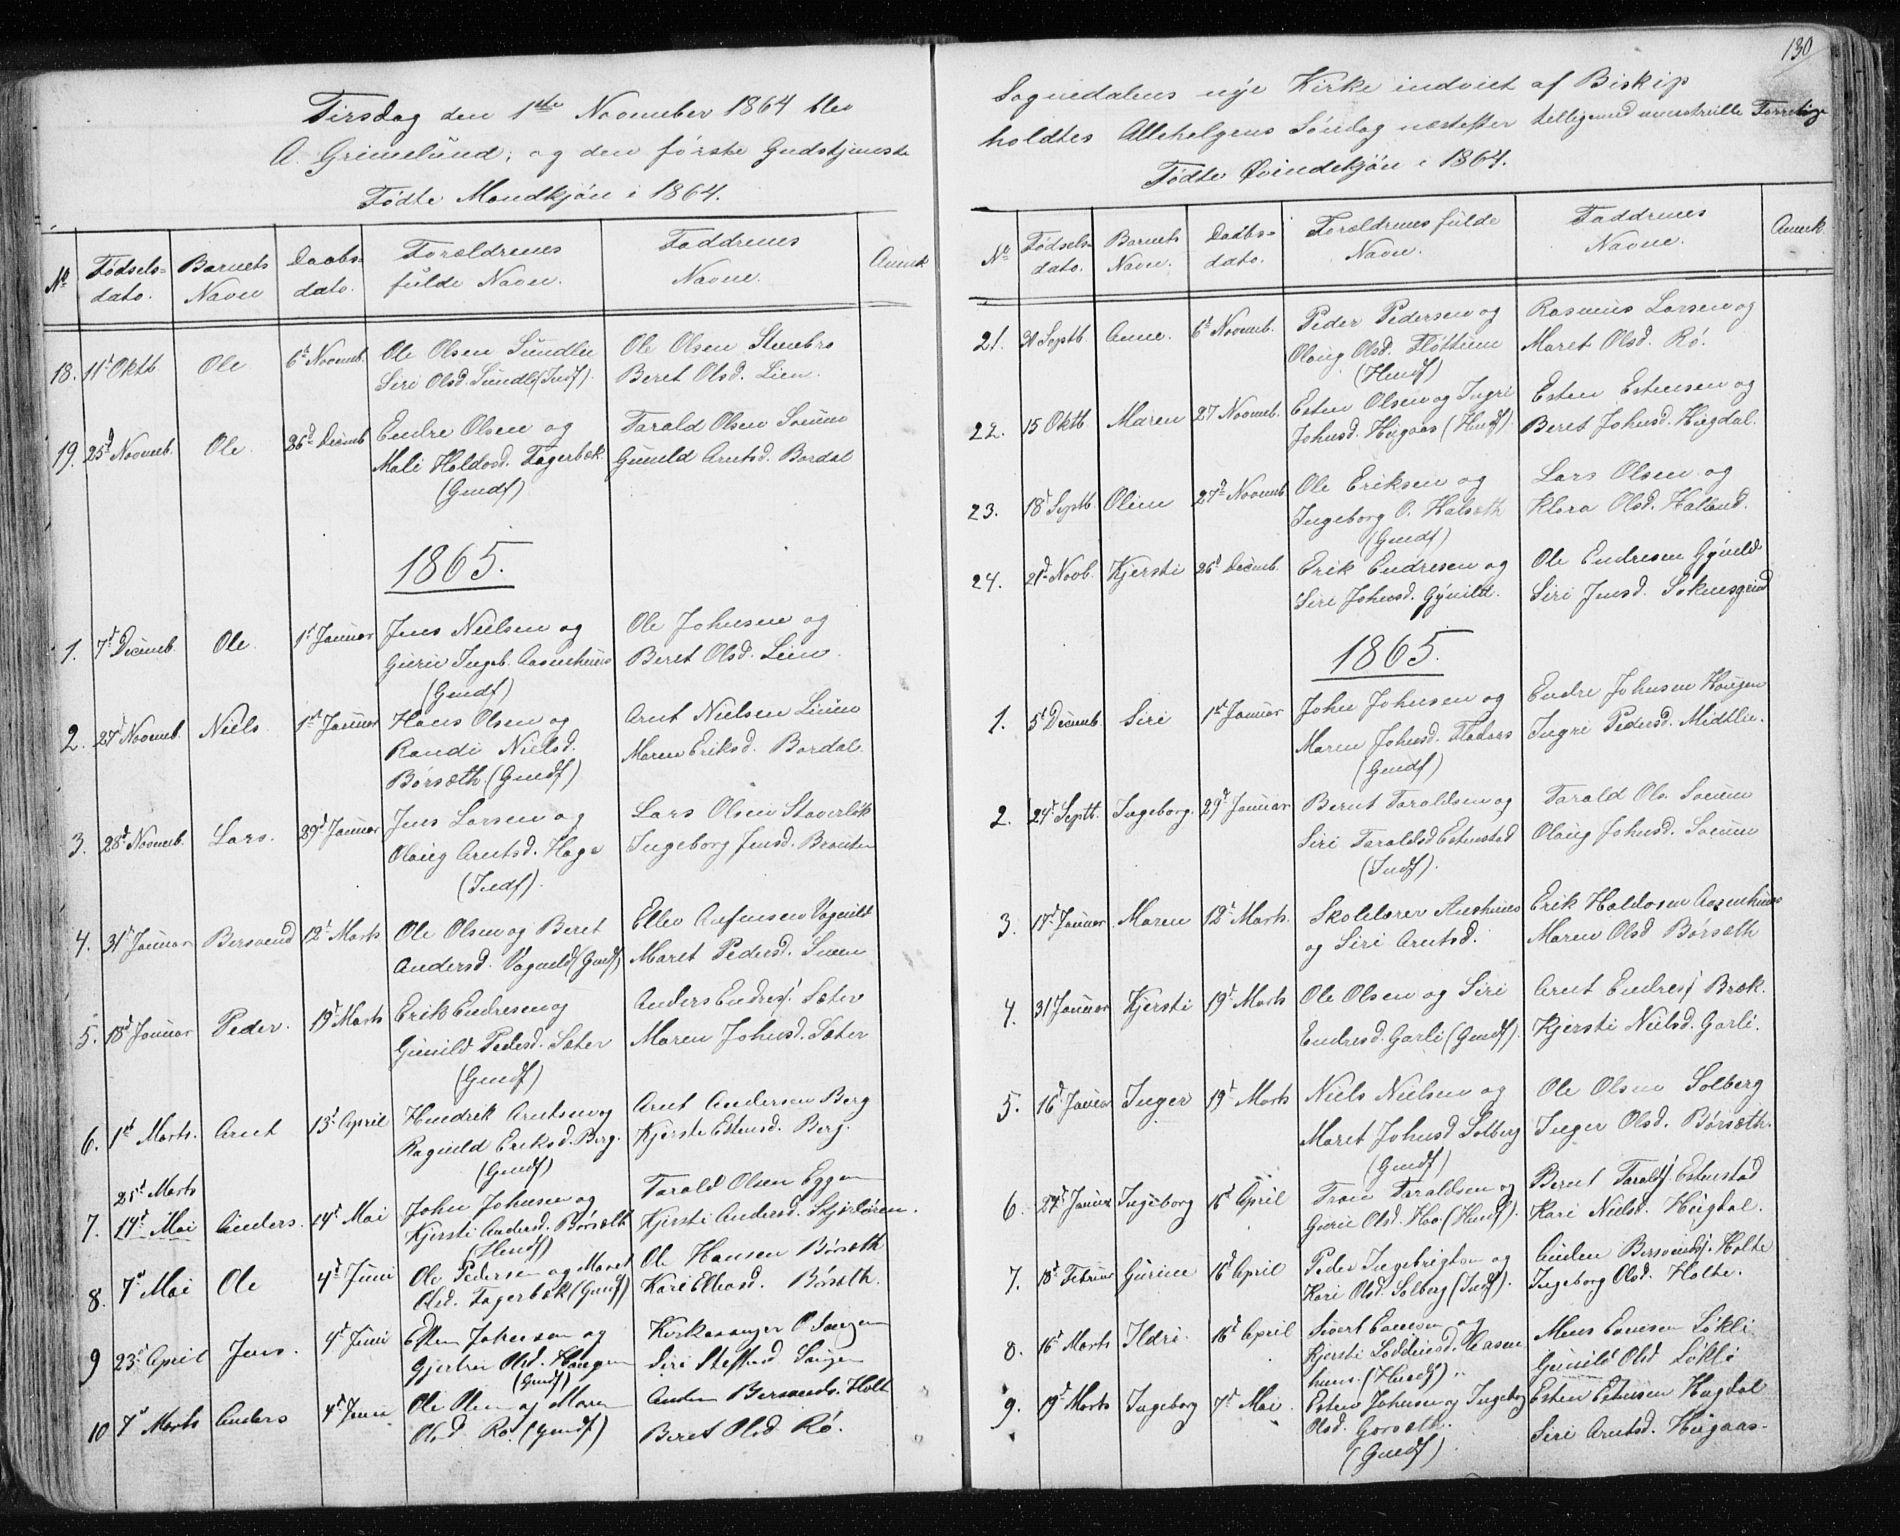 SAT, Ministerialprotokoller, klokkerbøker og fødselsregistre - Sør-Trøndelag, 689/L1043: Klokkerbok nr. 689C02, 1816-1892, s. 130